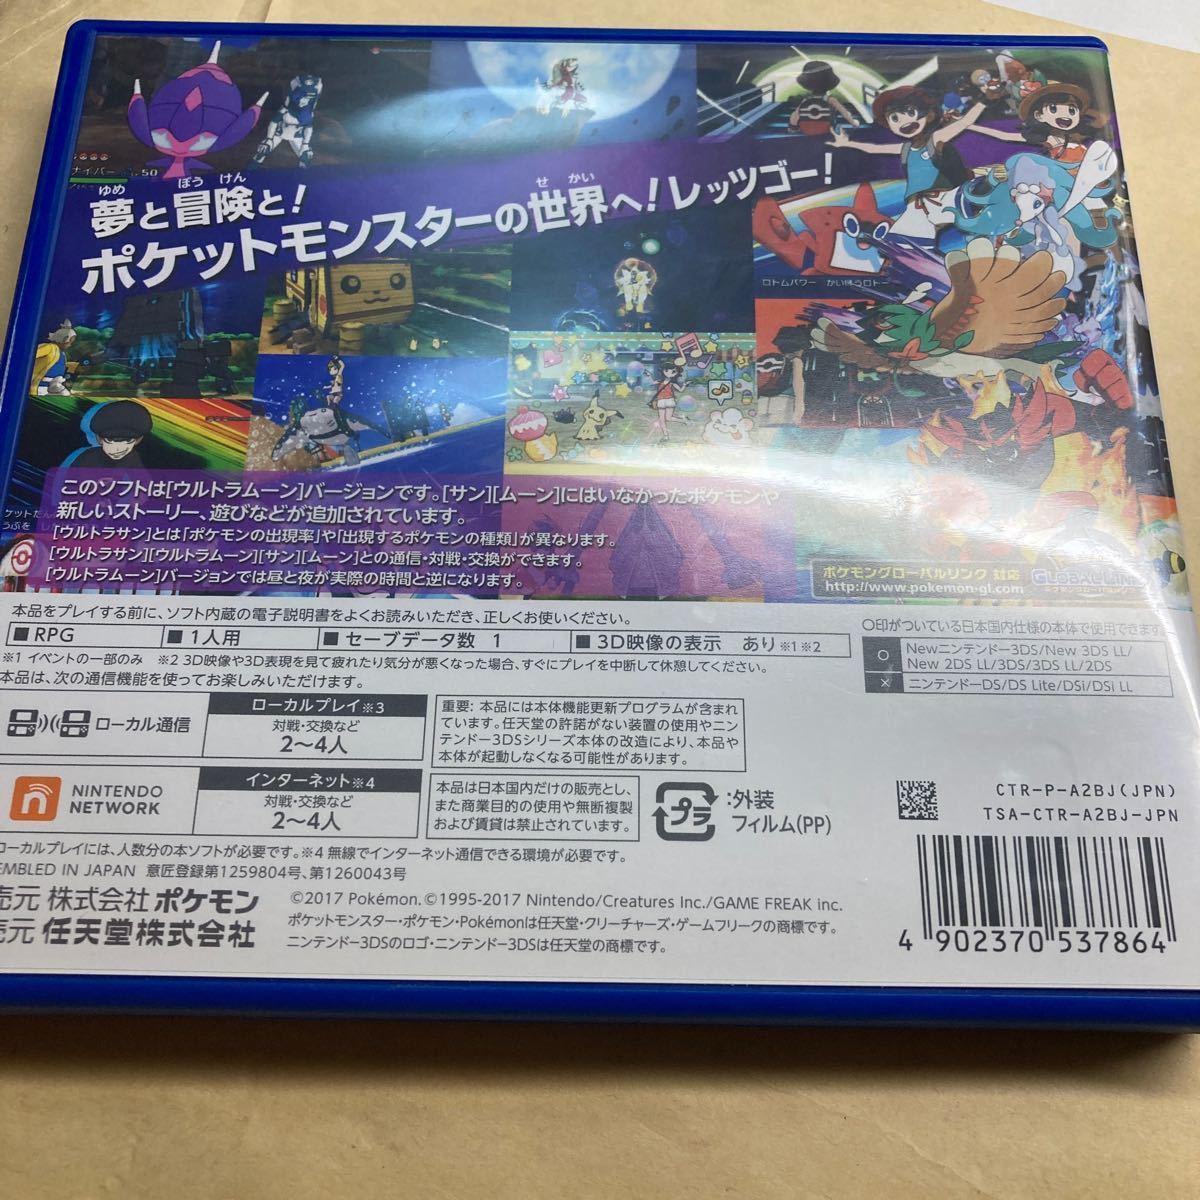 ポケットモンスタームーン、ポケットモンスターウルトラムーン 3DSソフトセット